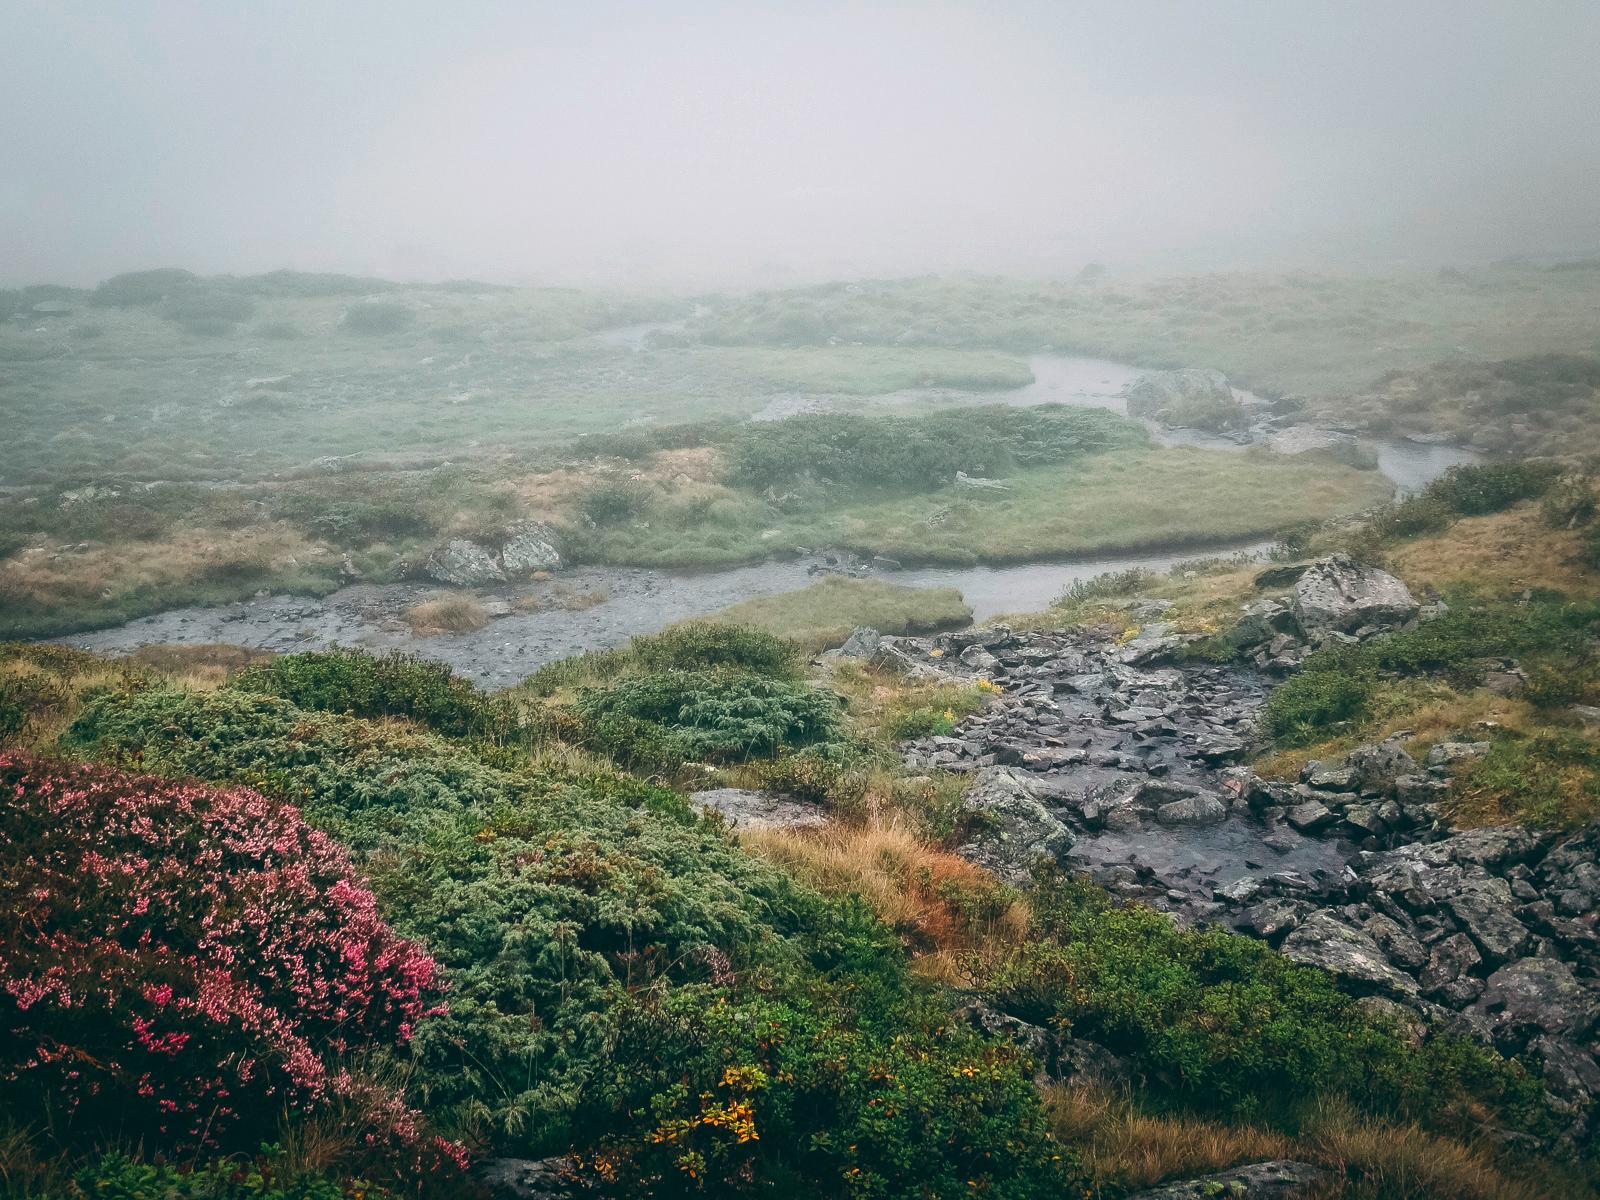 Farbtupfen im Nebel ...